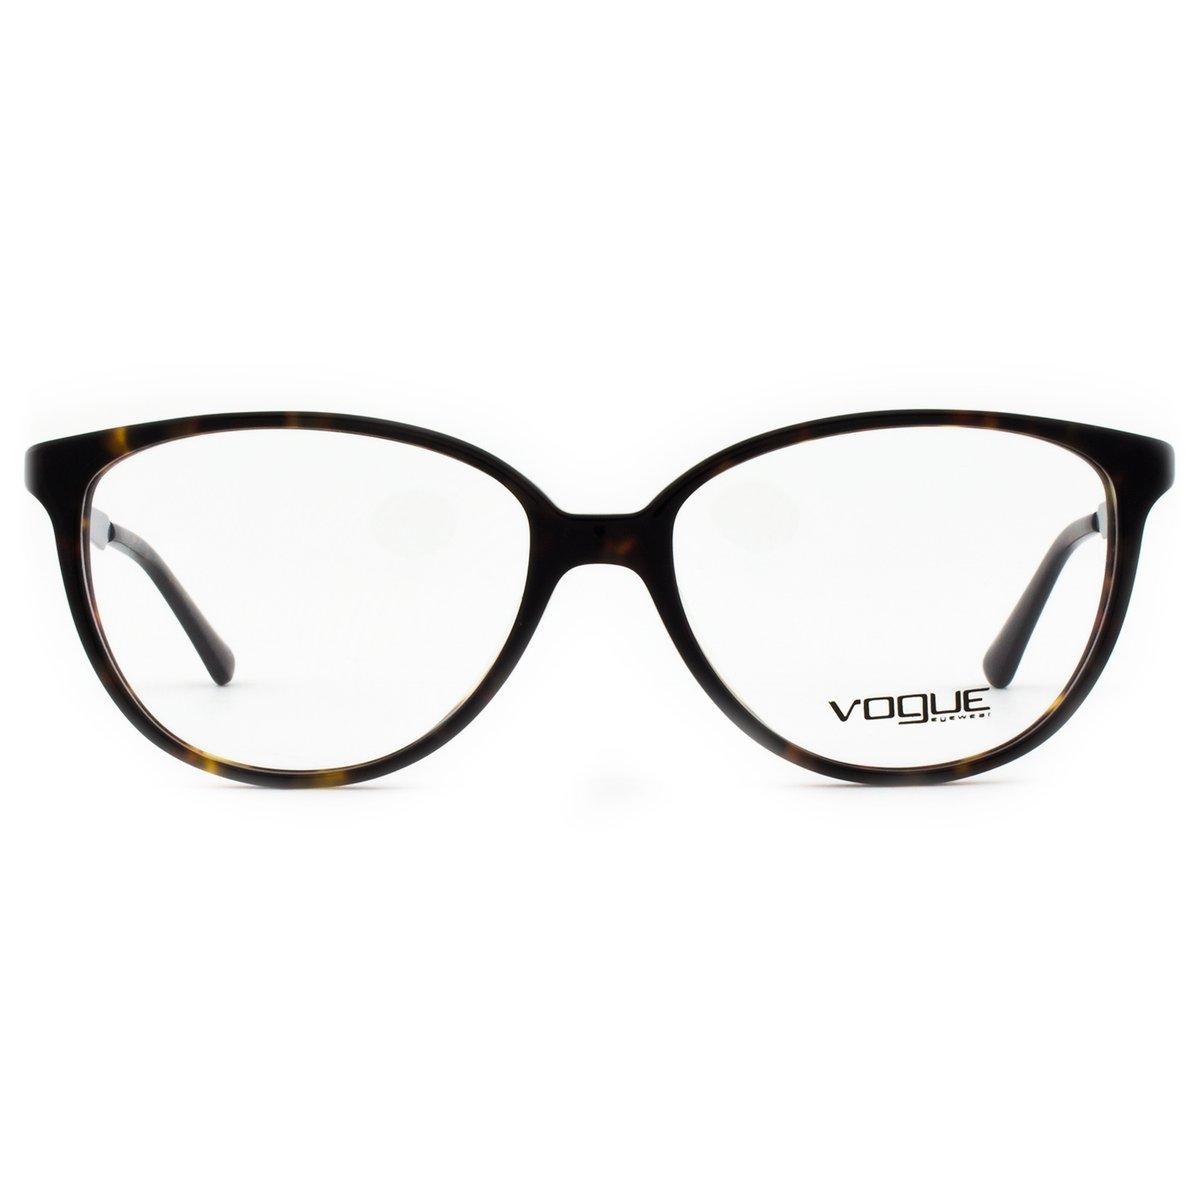 639074a0c Armação Óculos de Grau Vogue Drops VO2866 W656-53 | Zattini